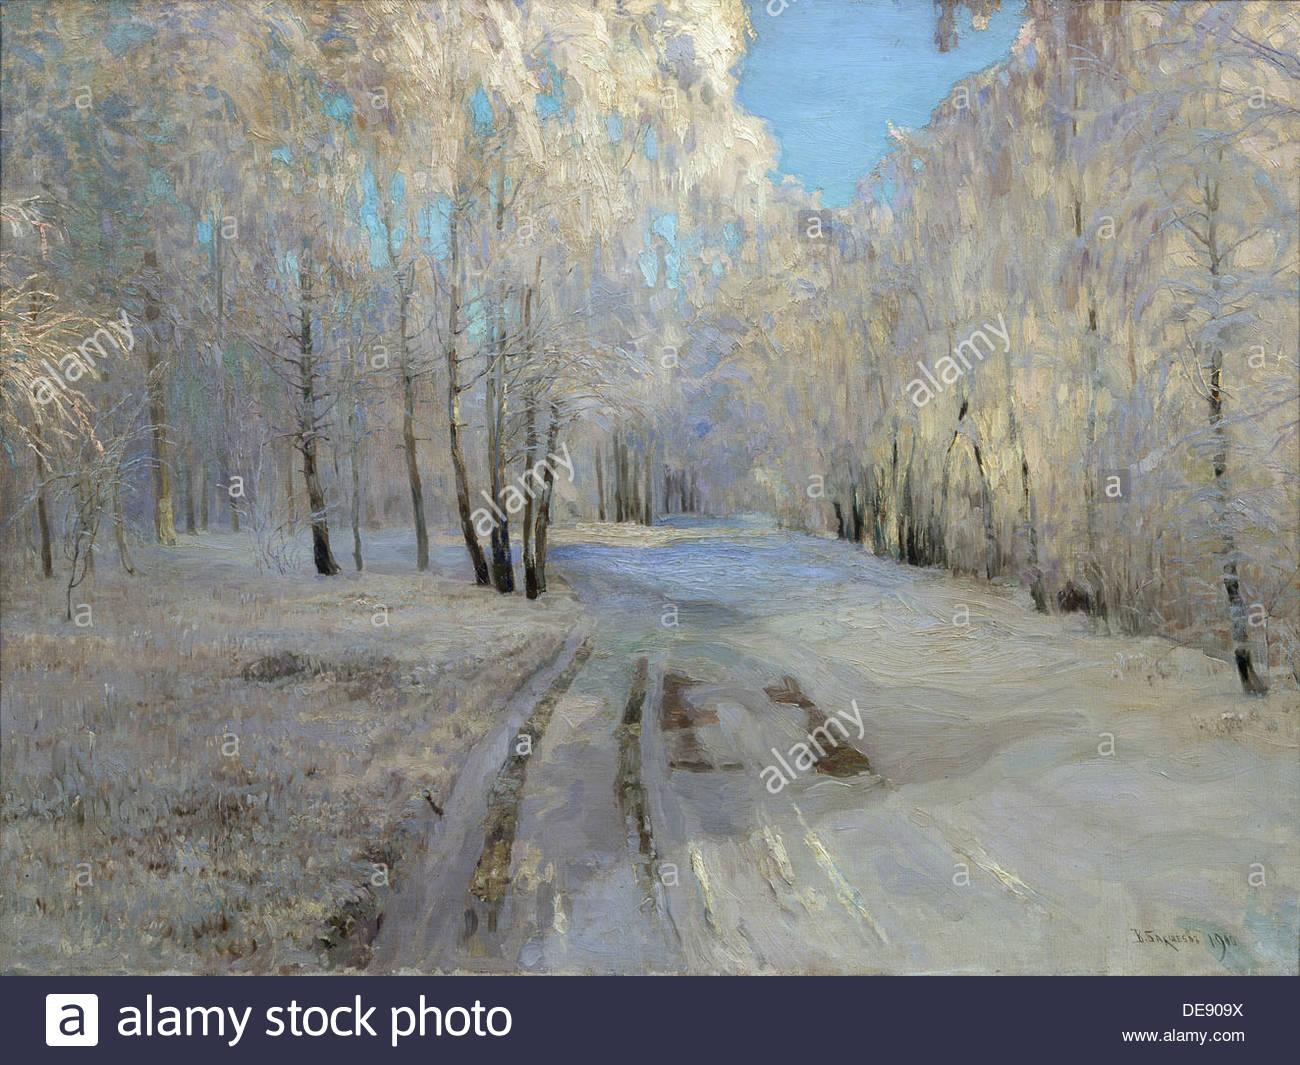 Hoarfrost, 1900. Artist: Baksheev, Vasili Nikolayevich (1862-1958) - Stock Image